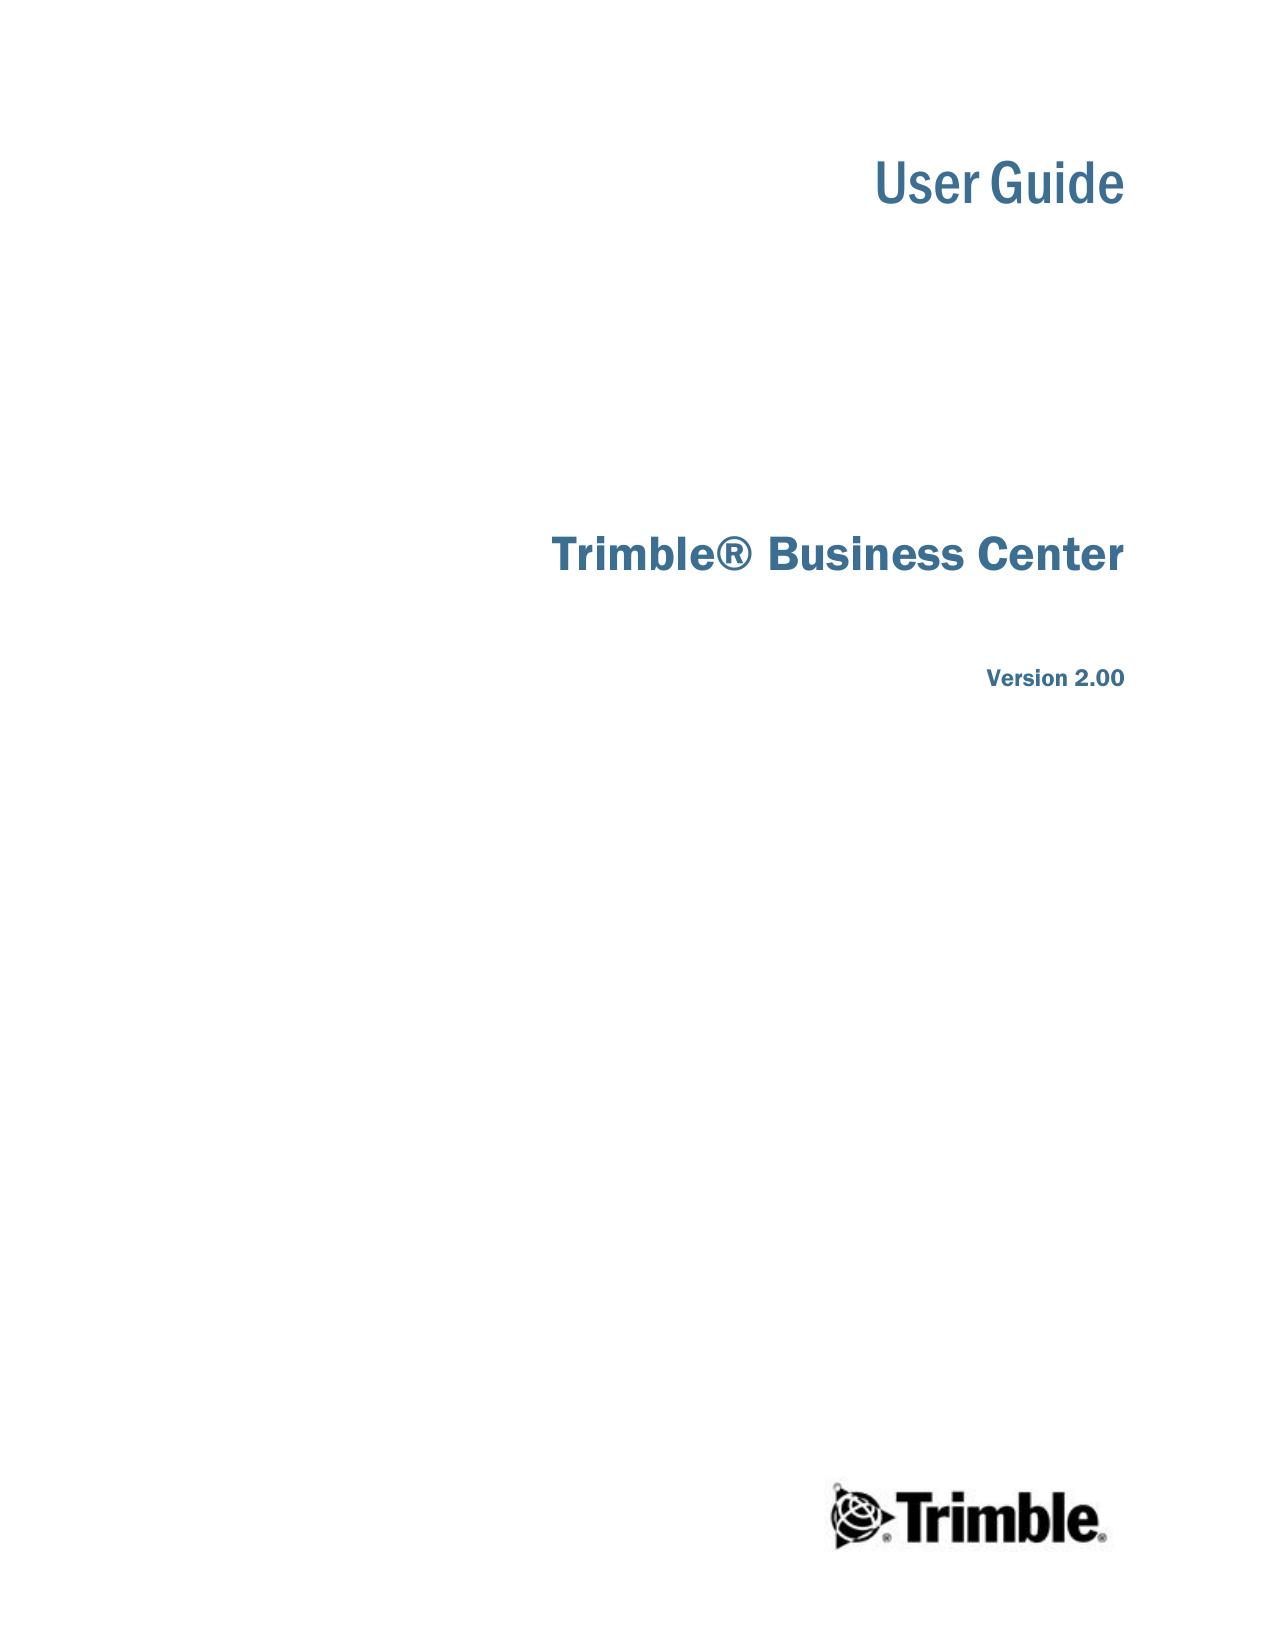 Trimble Business Center User Guide | manualzz com